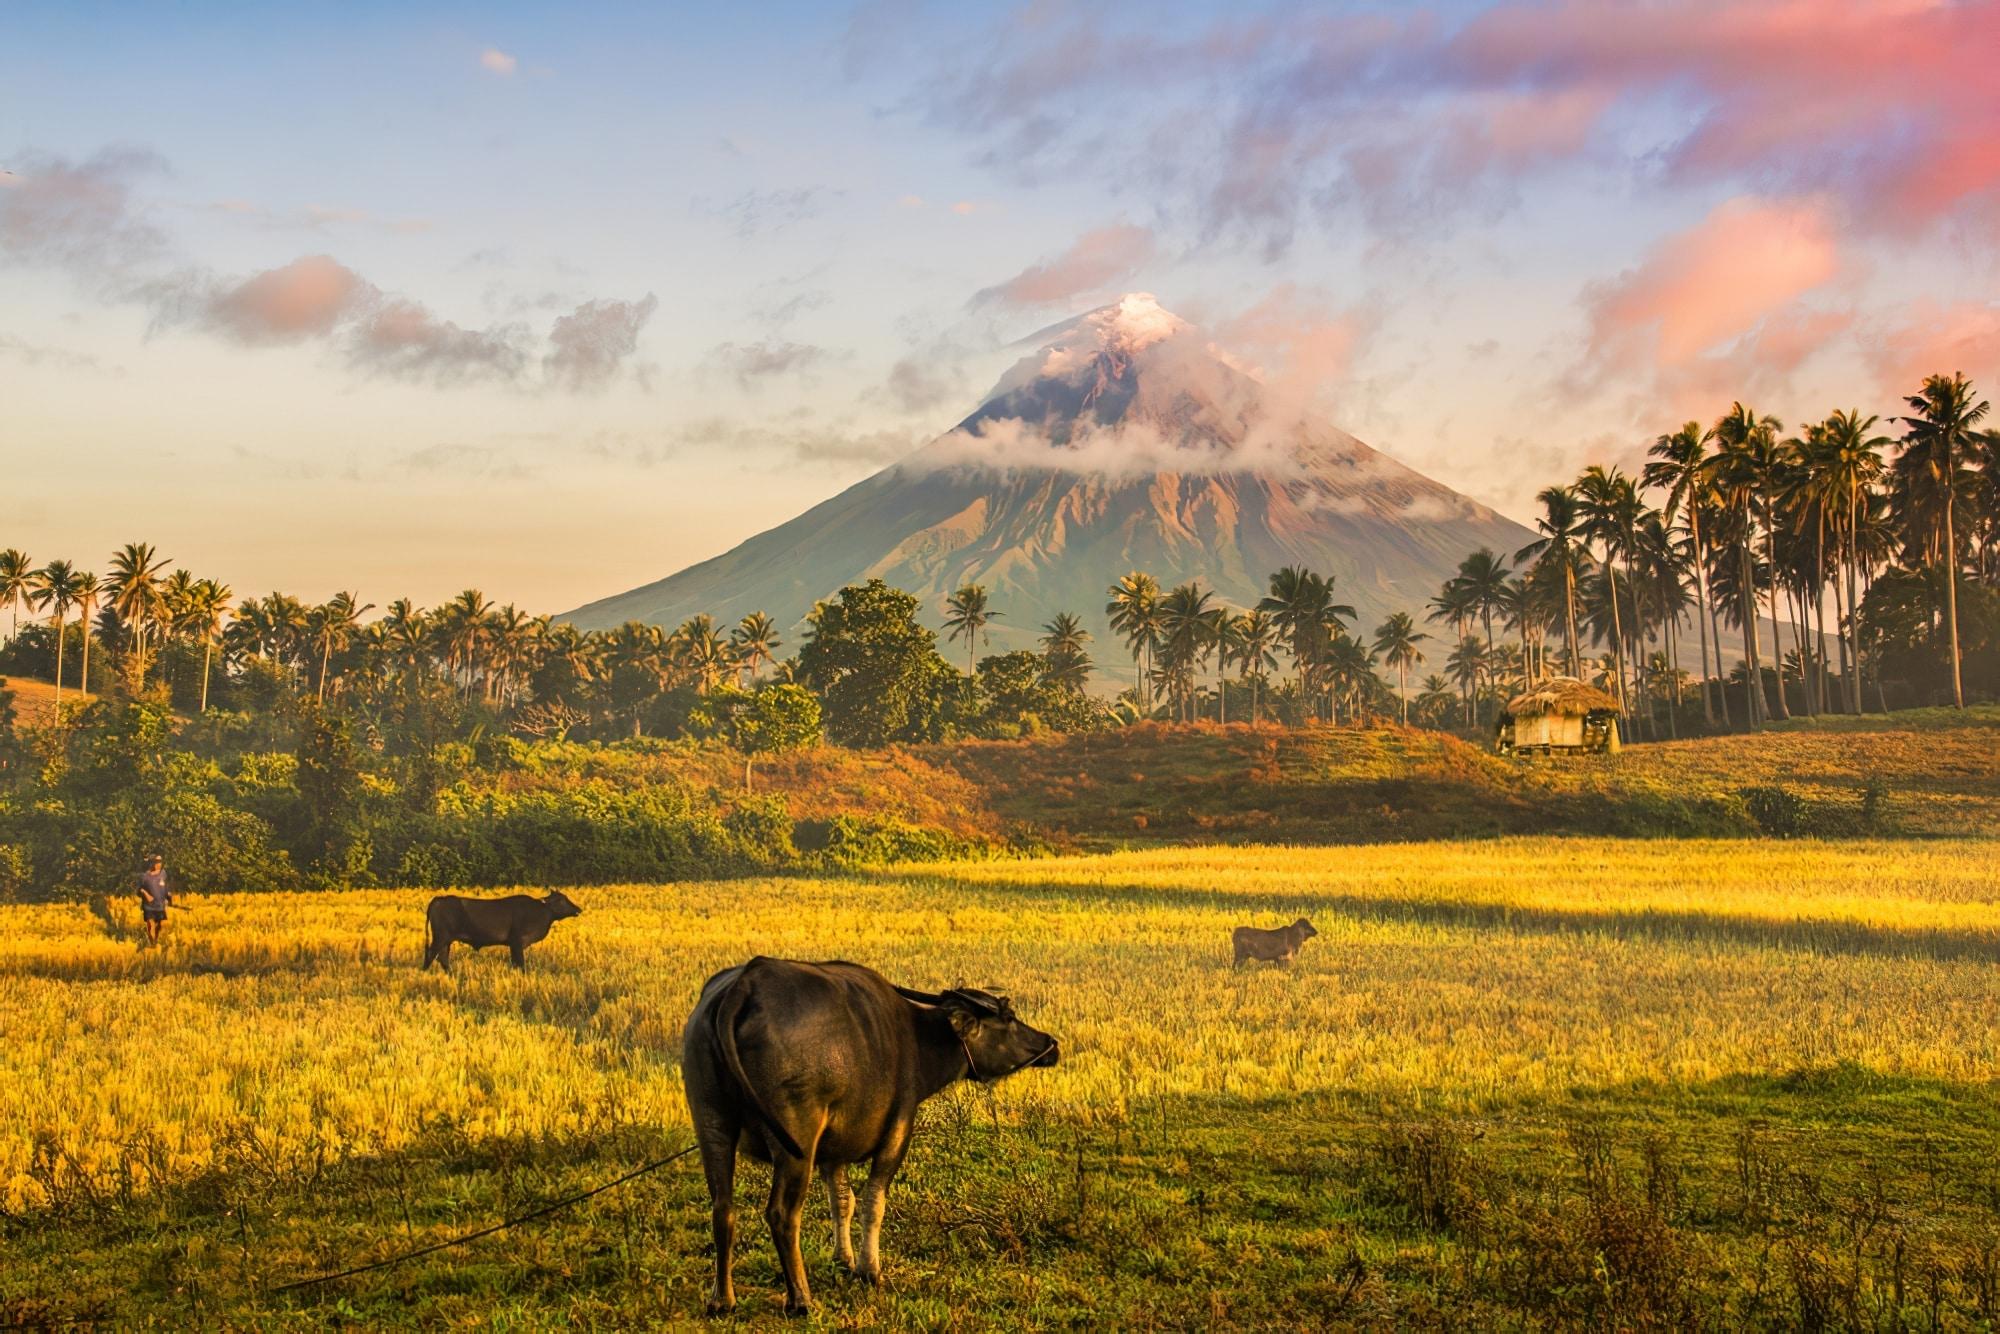 Vue sur le volcan Mayon aux philippines